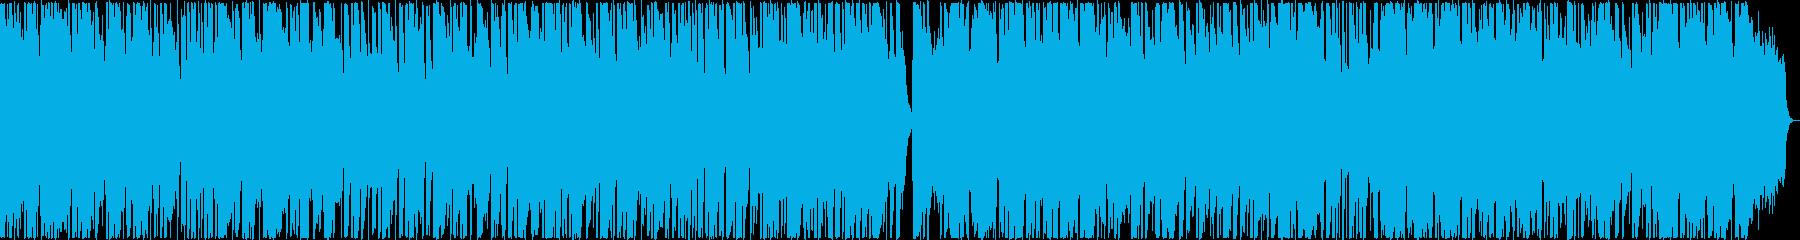 フルートのリラックス効果抜群なバラード の再生済みの波形